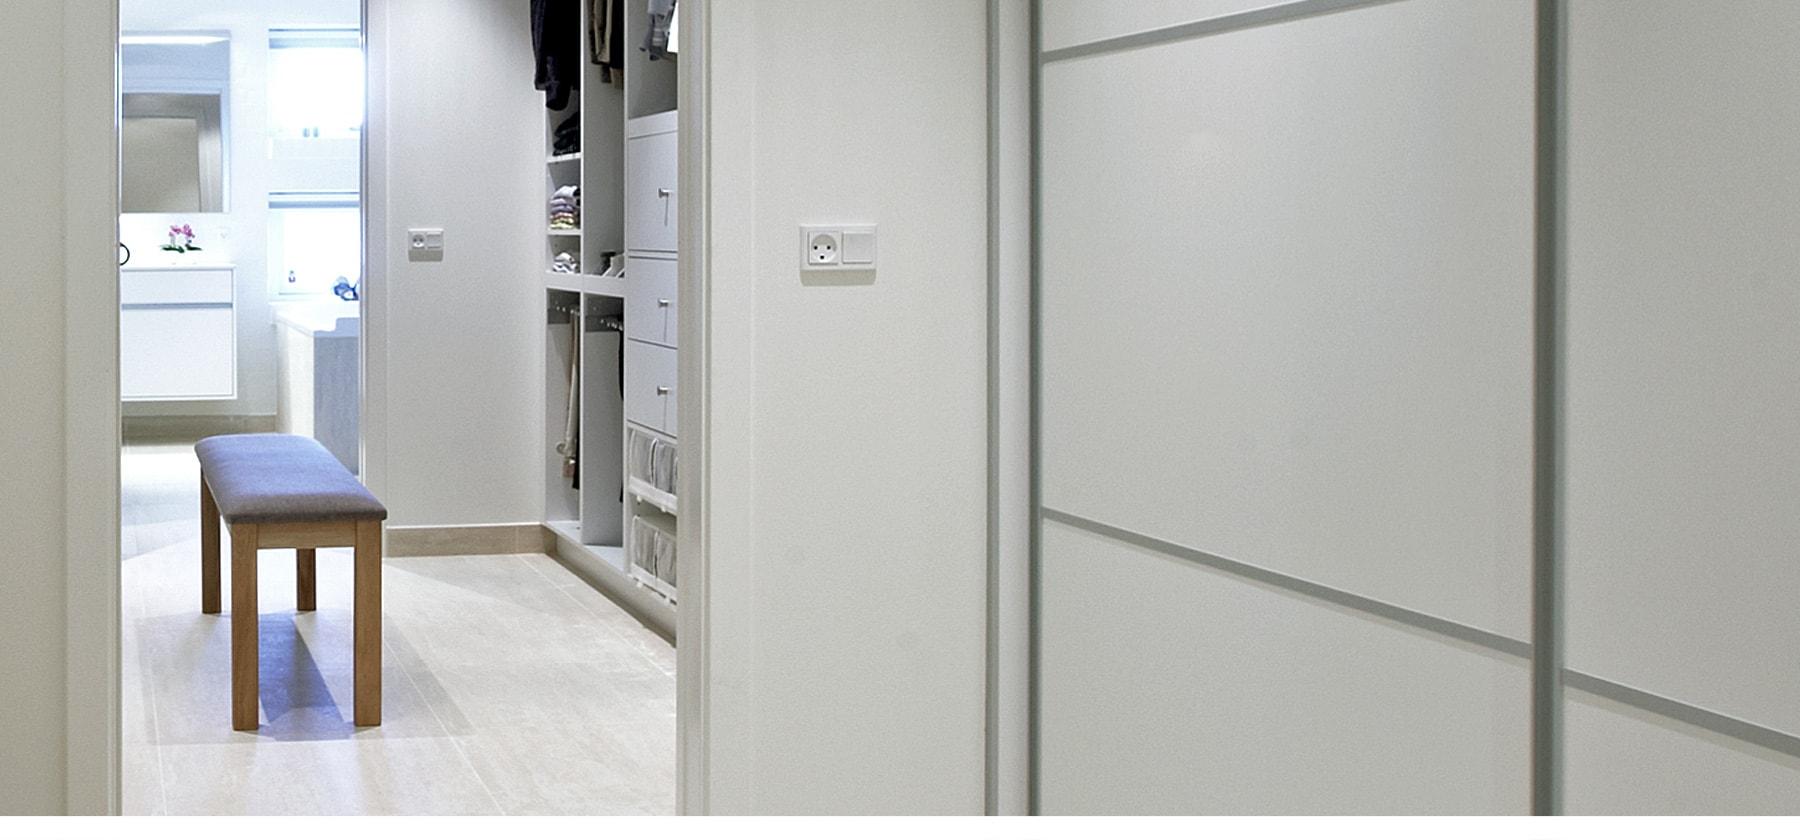 Stor Walk-in-closet - Garderobe indretning | SØNDERBORG KØKKEN VX-72